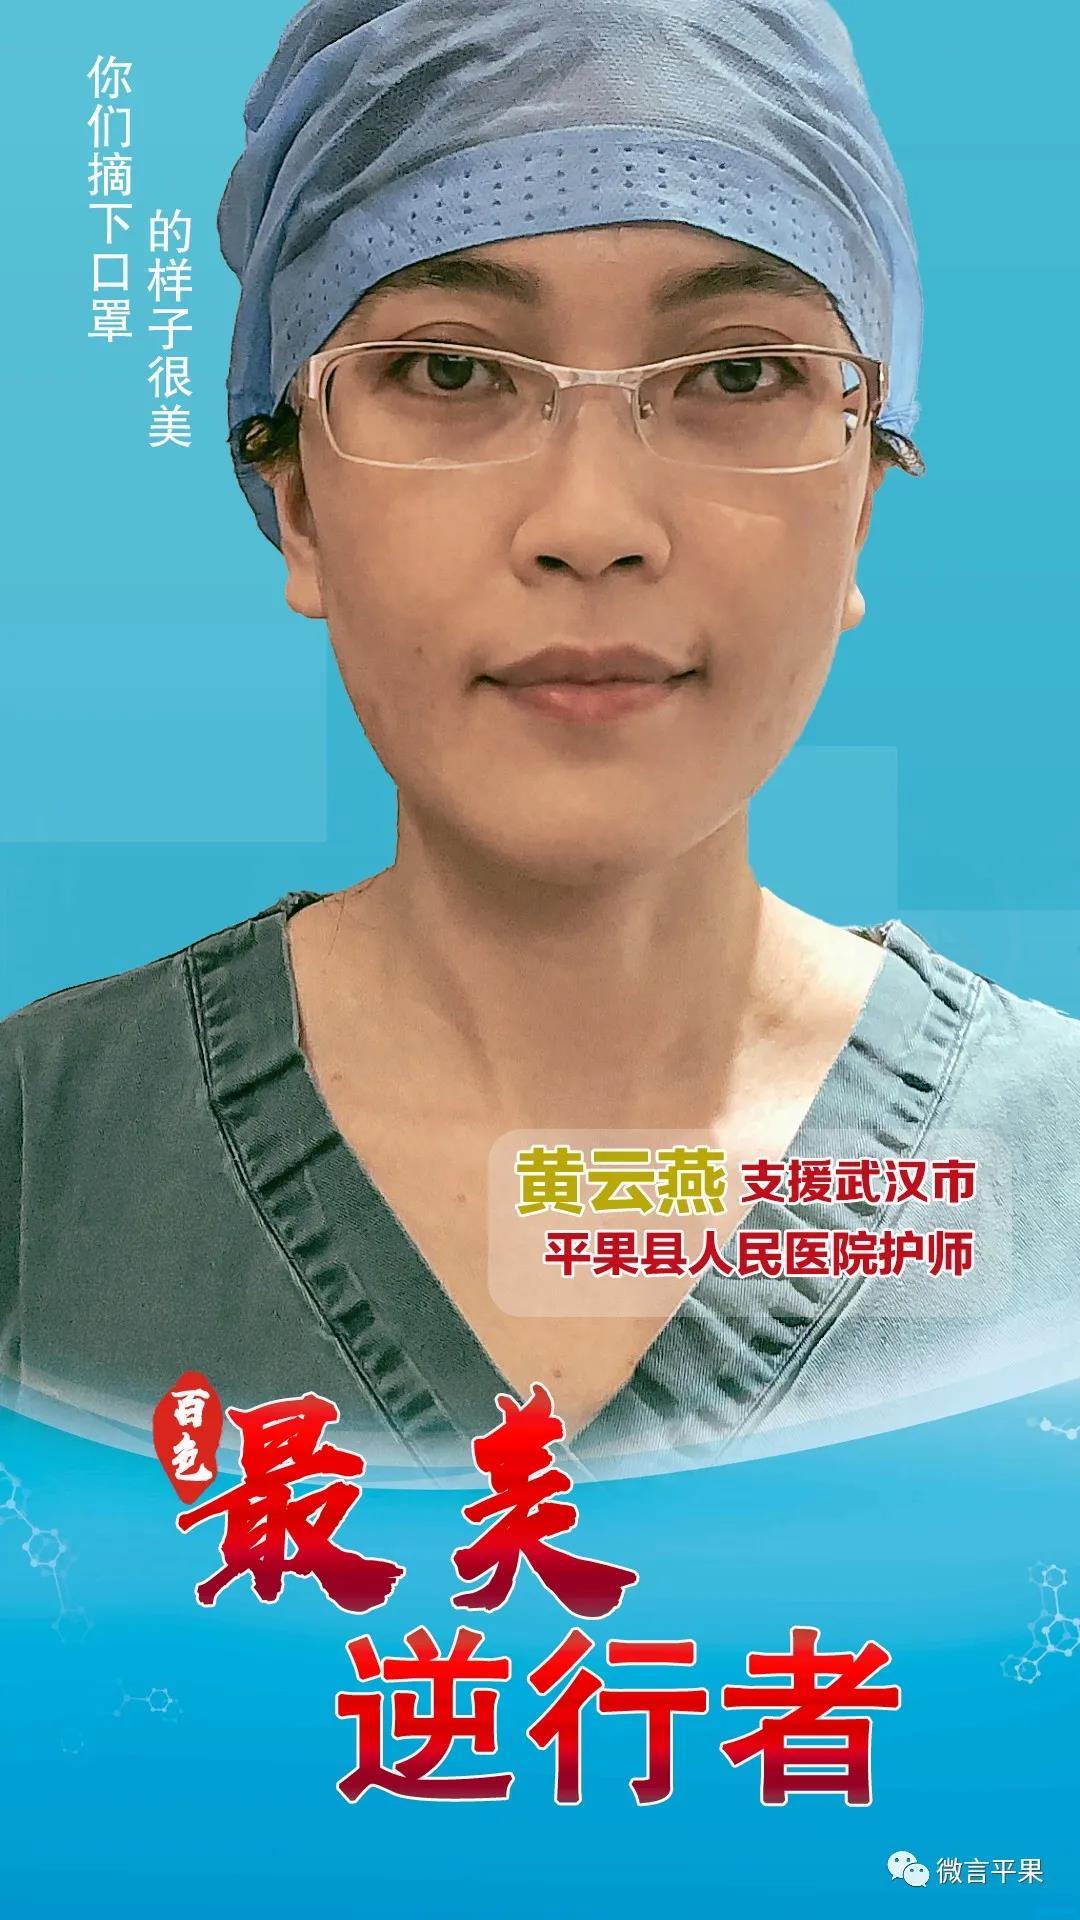 微信图片_20200325084032.jpg